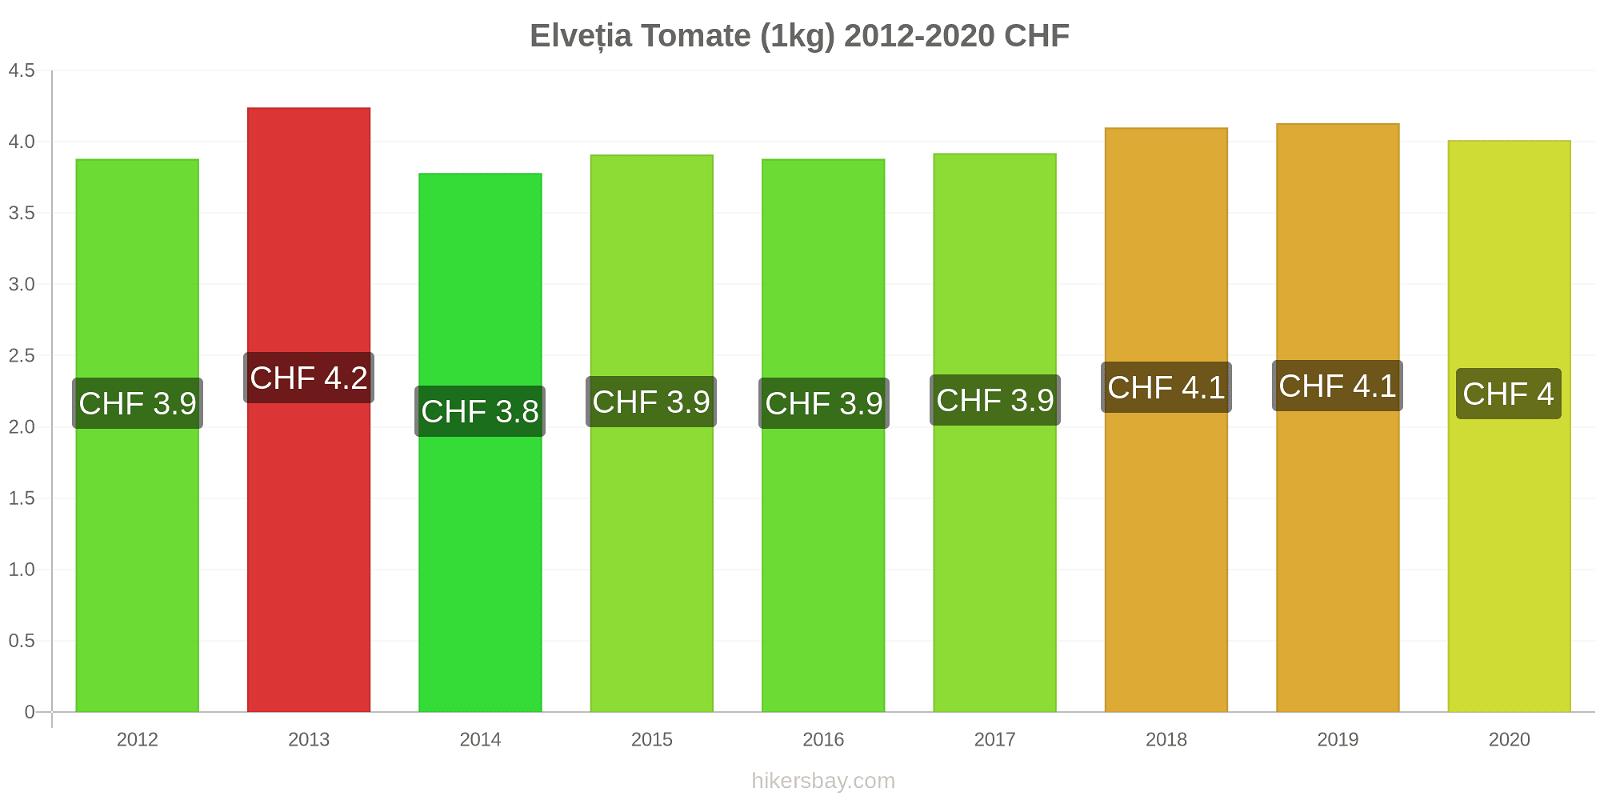 Elveția modificări de preț Tomate (1kg) hikersbay.com